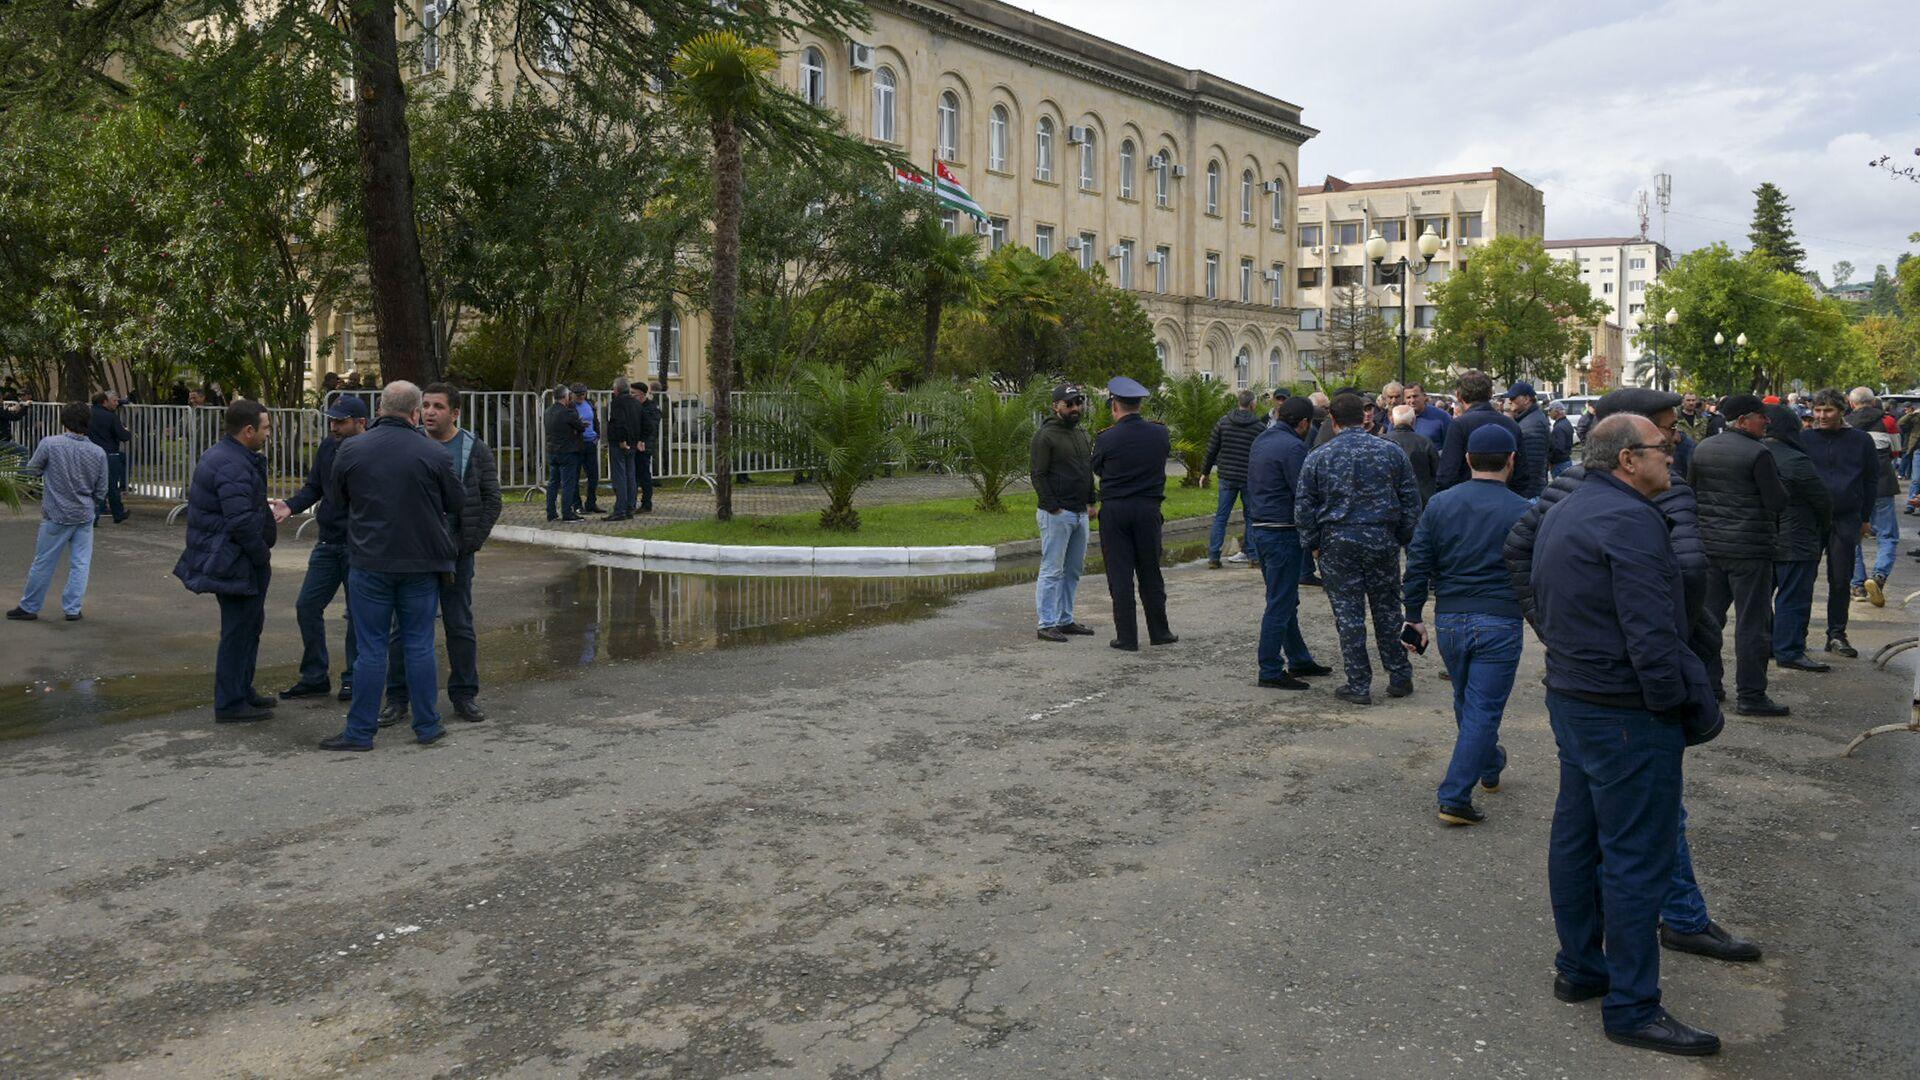 Обстановка вокруг здания Правительства - Sputnik Абхазия, 1920, 06.10.2021